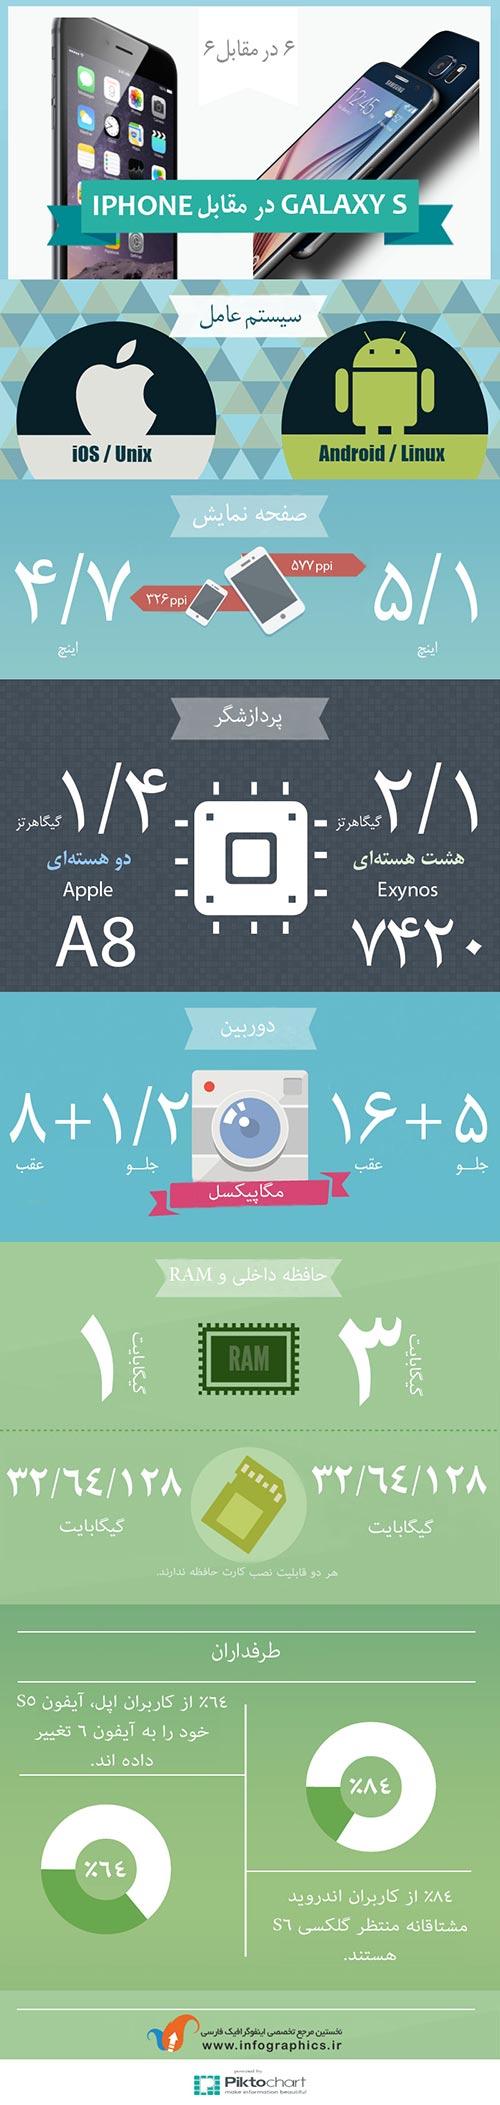 مقایسه آیفون 6 و گلکسی S6